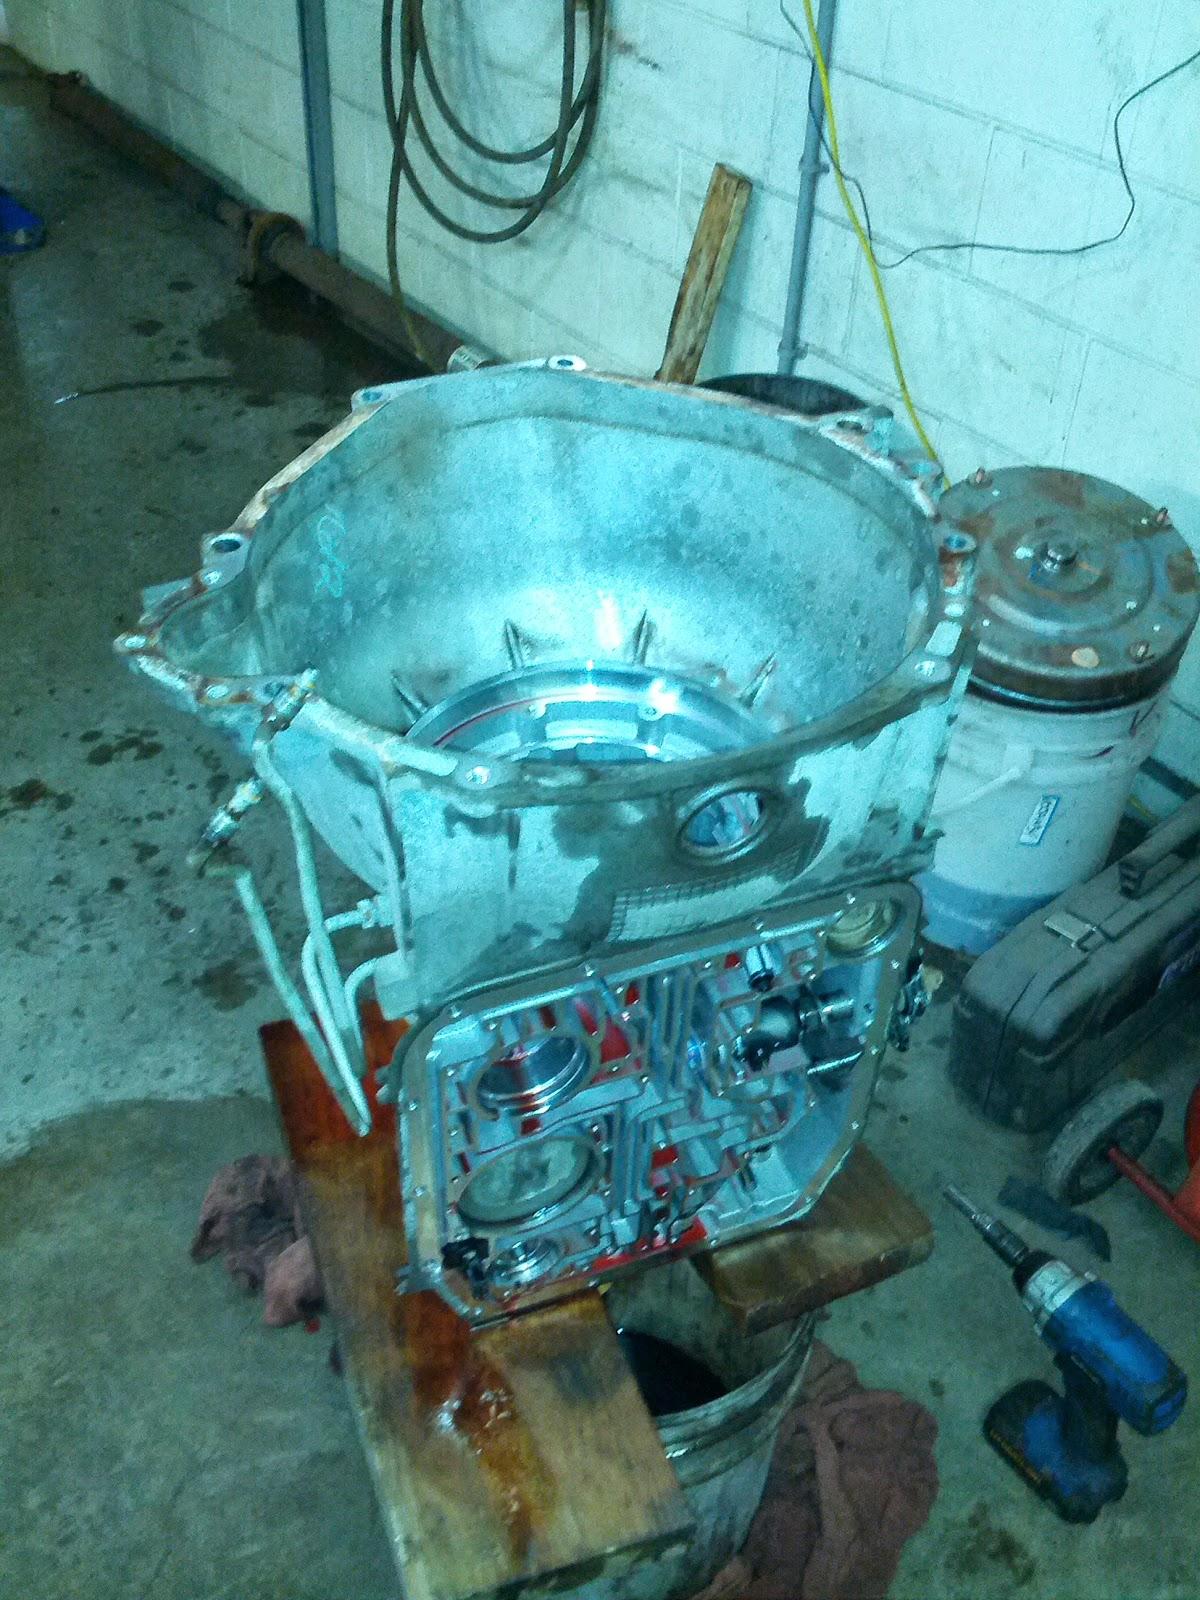 2006 ford f150 transmission failure. Black Bedroom Furniture Sets. Home Design Ideas